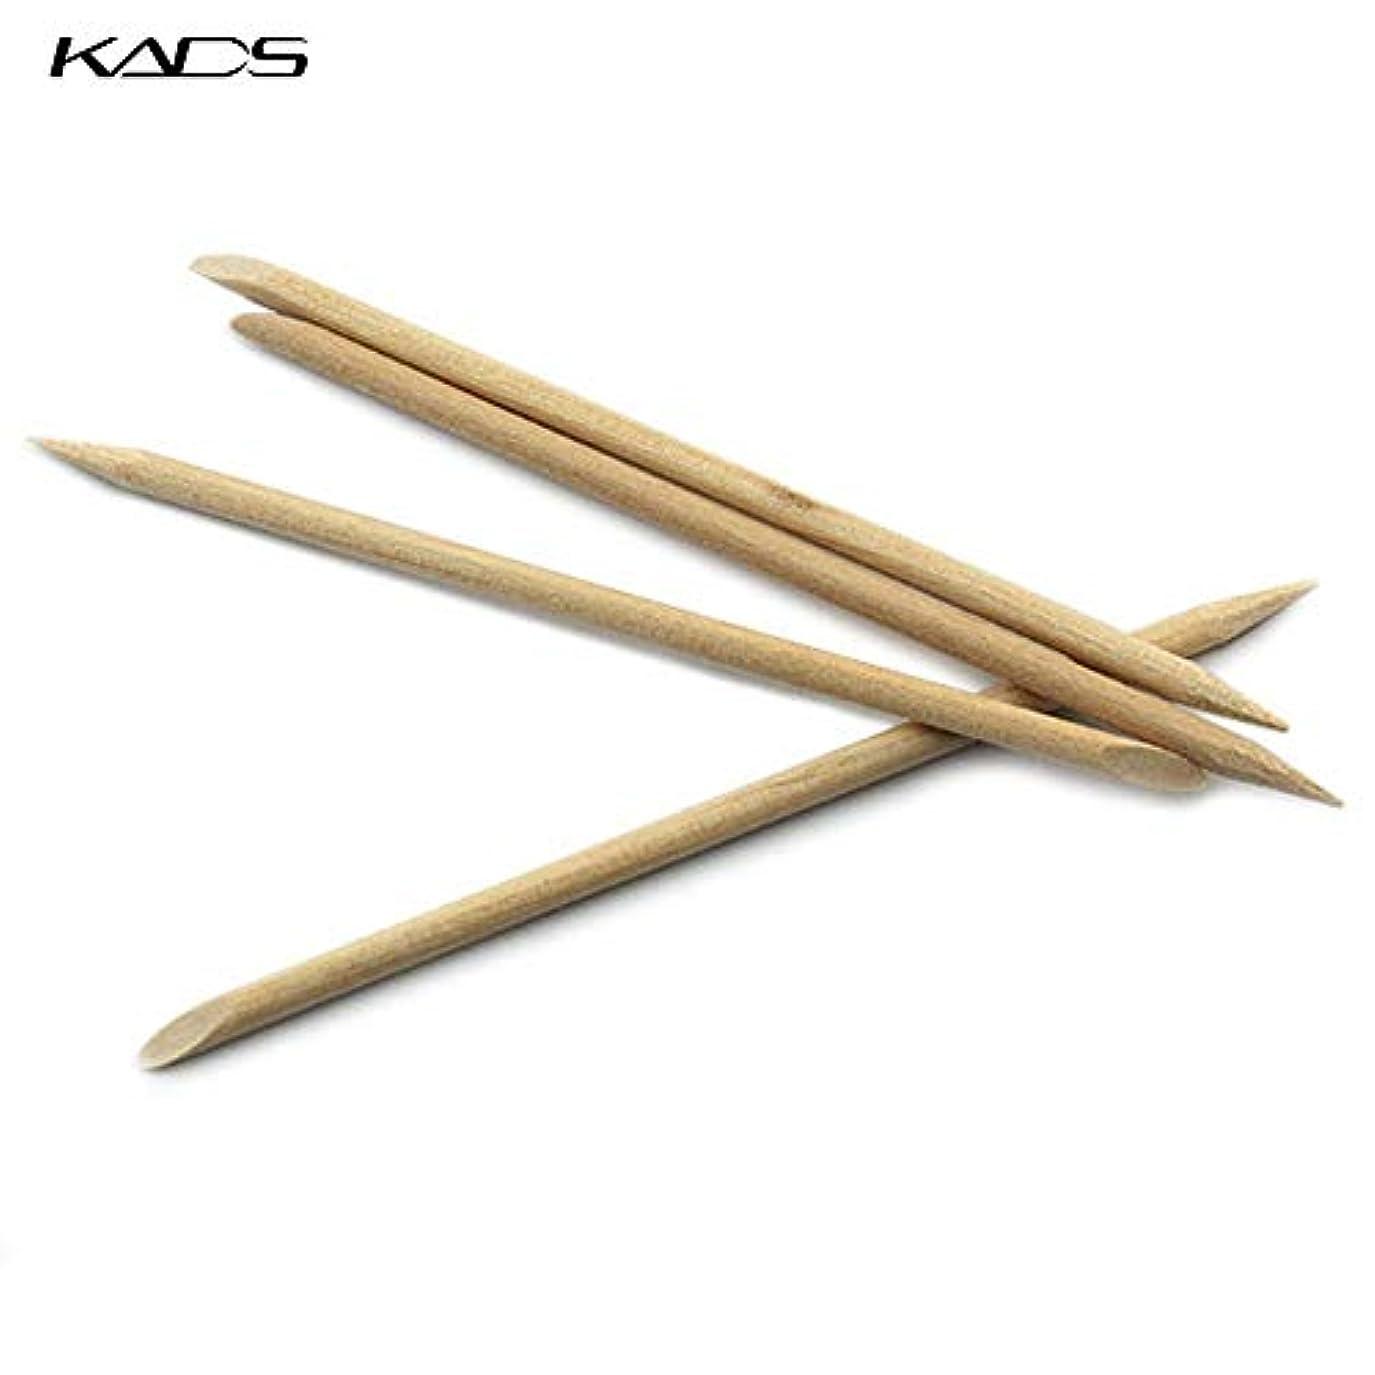 KADS 最高品質オレンジウッドスティック ジェルネイル用 5本入り(ウッド棒 検定)